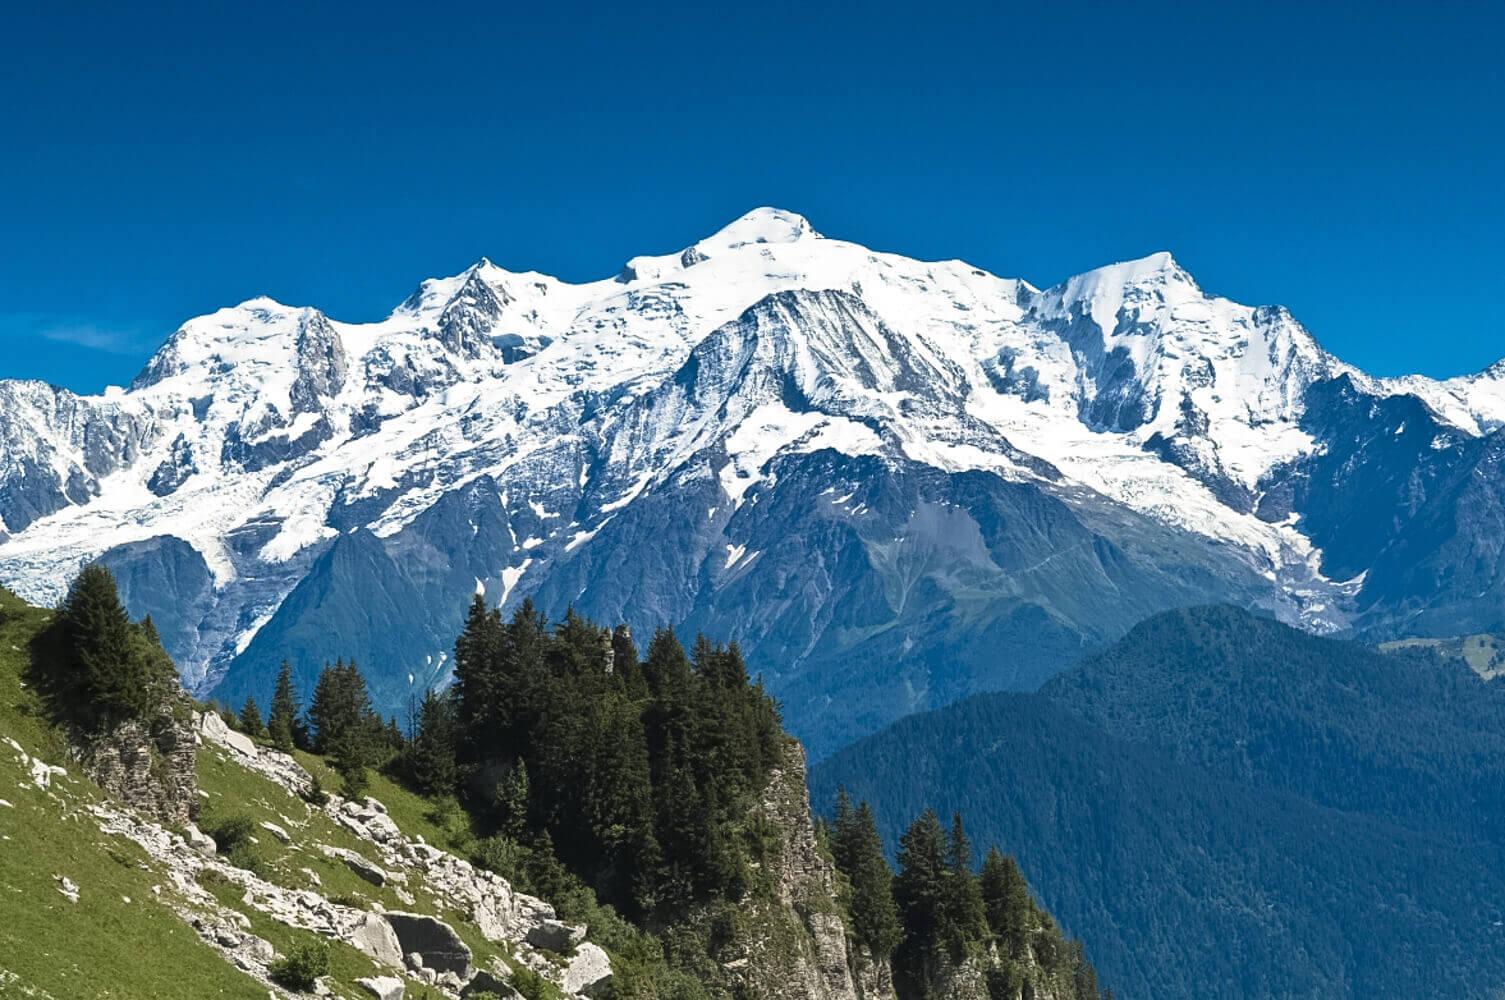 В мире отмечают Международный день альпинизма: история и традиции праздника — фото 1